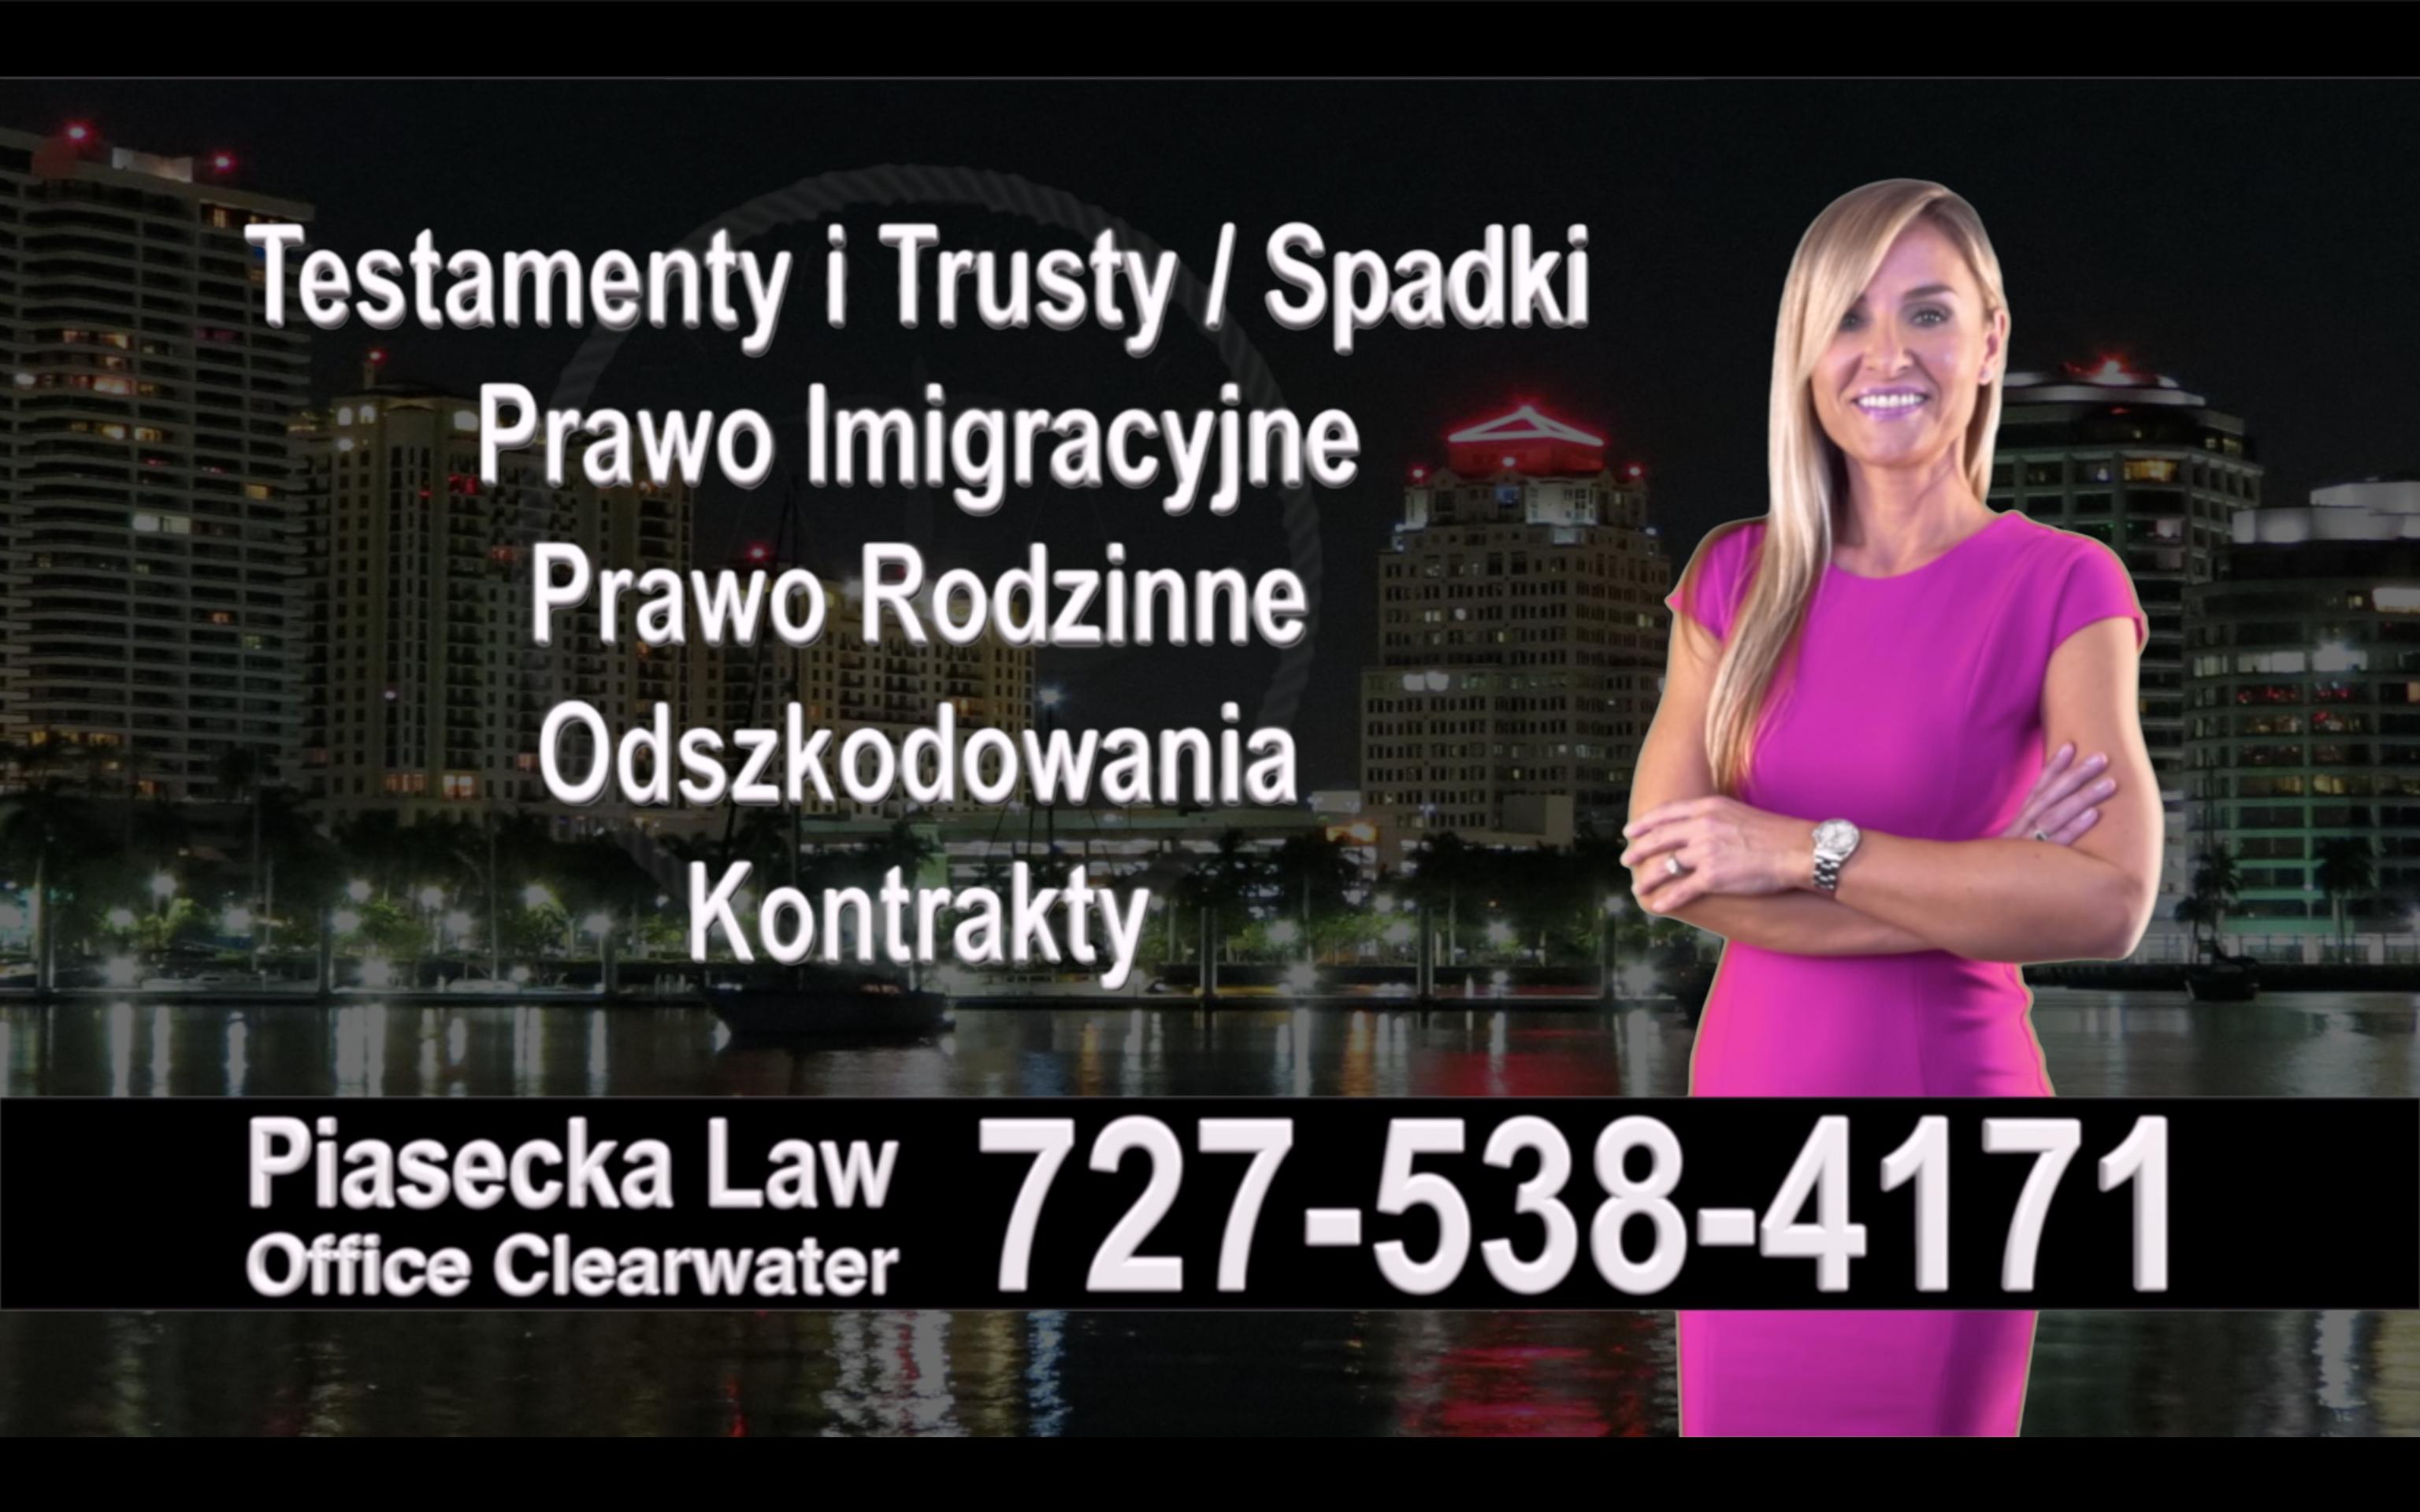 St. Pete Beach Polski, Prawnik, Adwokat, Testamenty, Trusty, Testament, Trust, Prawo, Spadkowe, Imigracyjne, Rodzinne, Rozwód, Wypadki, Agnieszka Piasecka